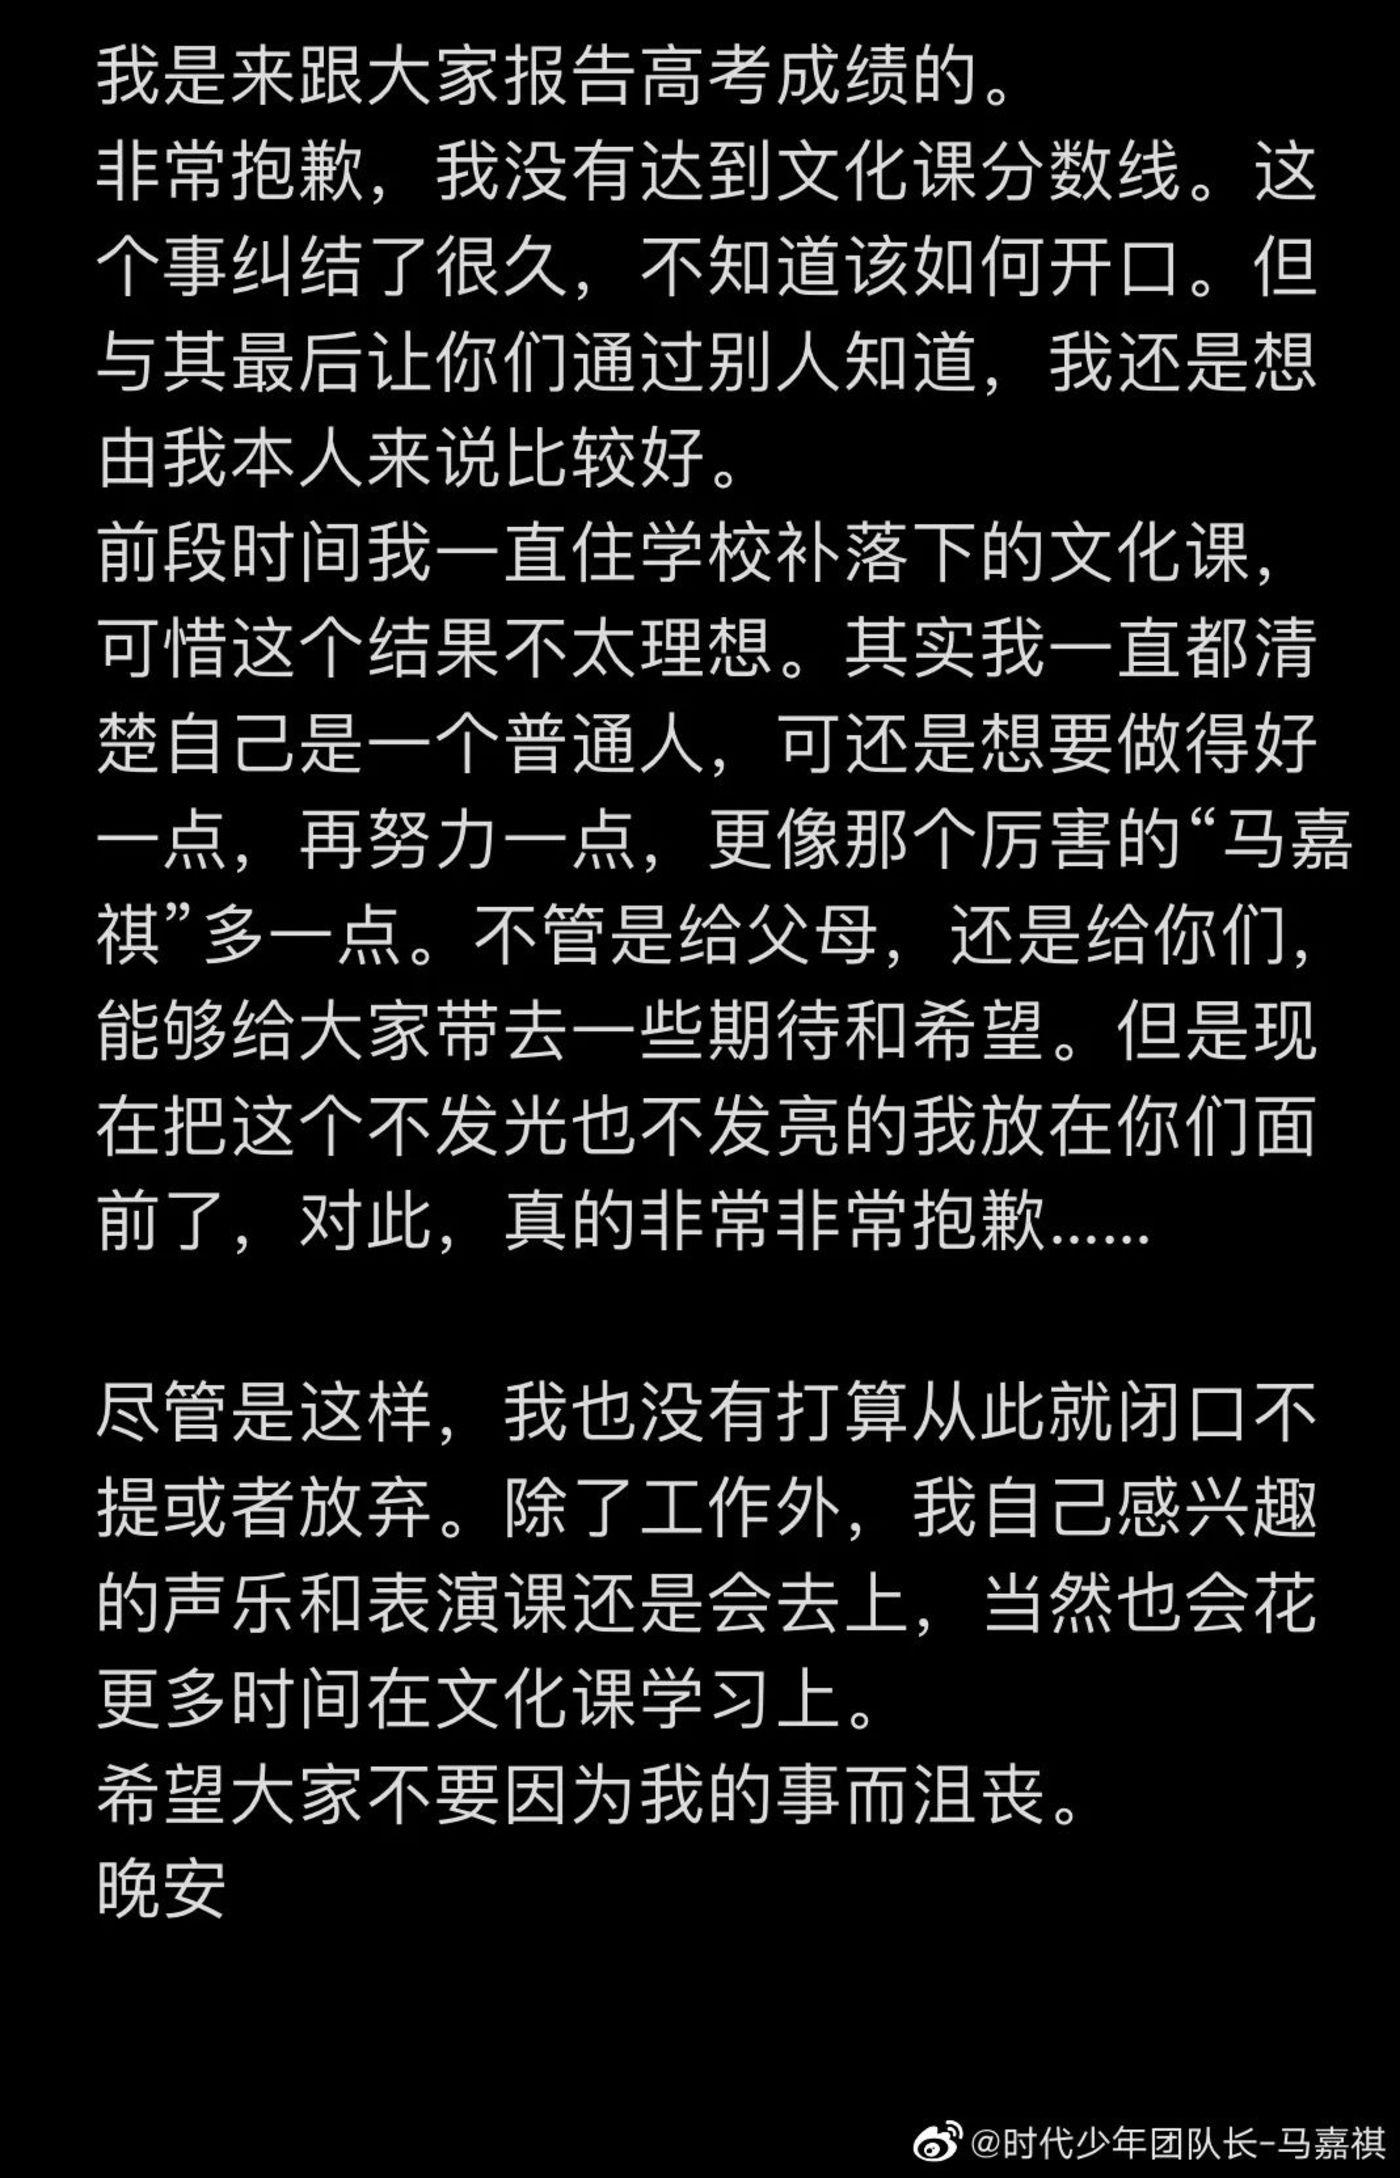 马嘉祺为高考成绩道歉